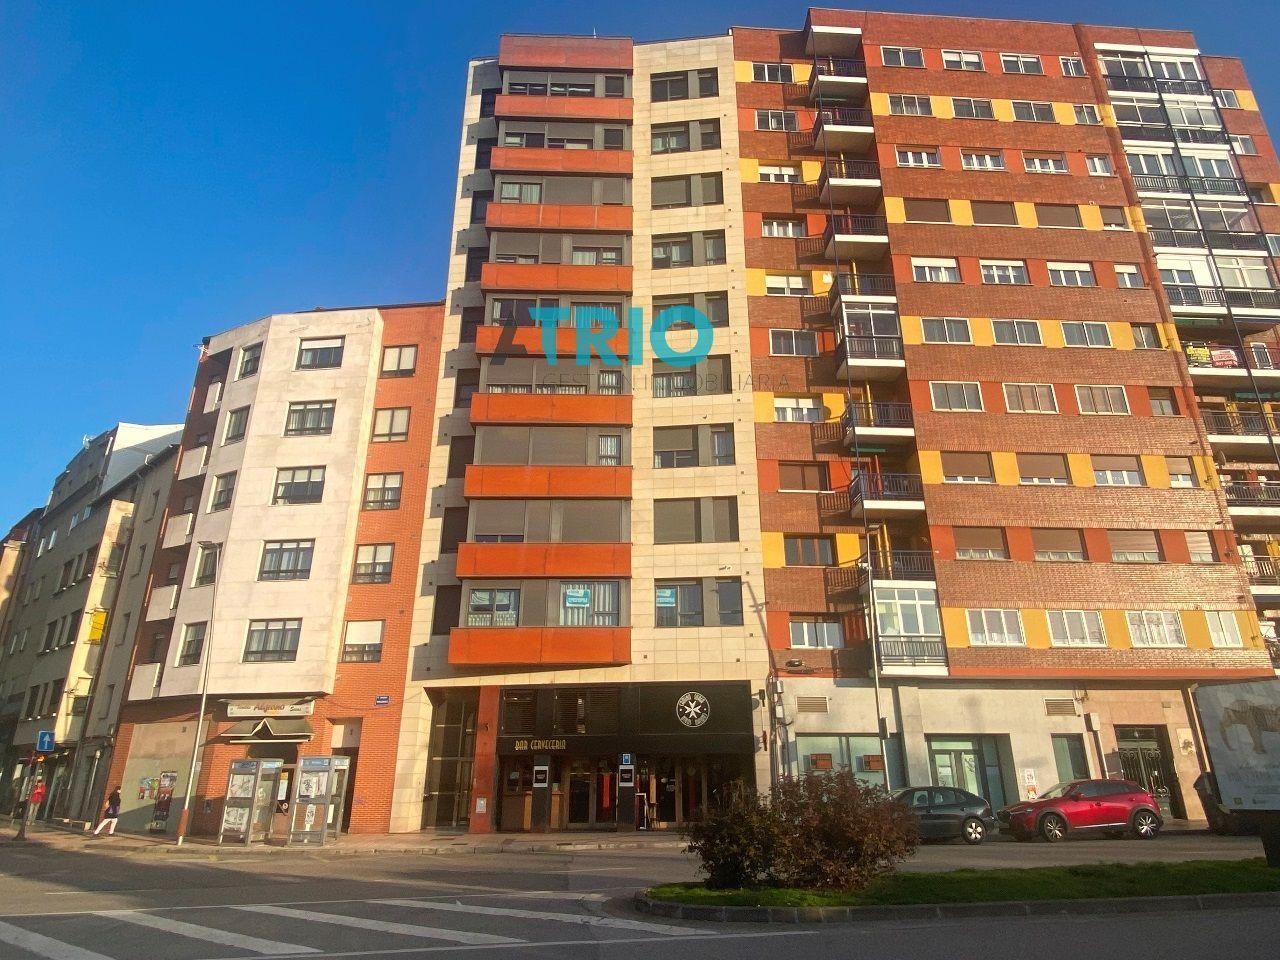 dia.mobiliagestion.es/Portals/inmoatrio/Images/6446/4138091